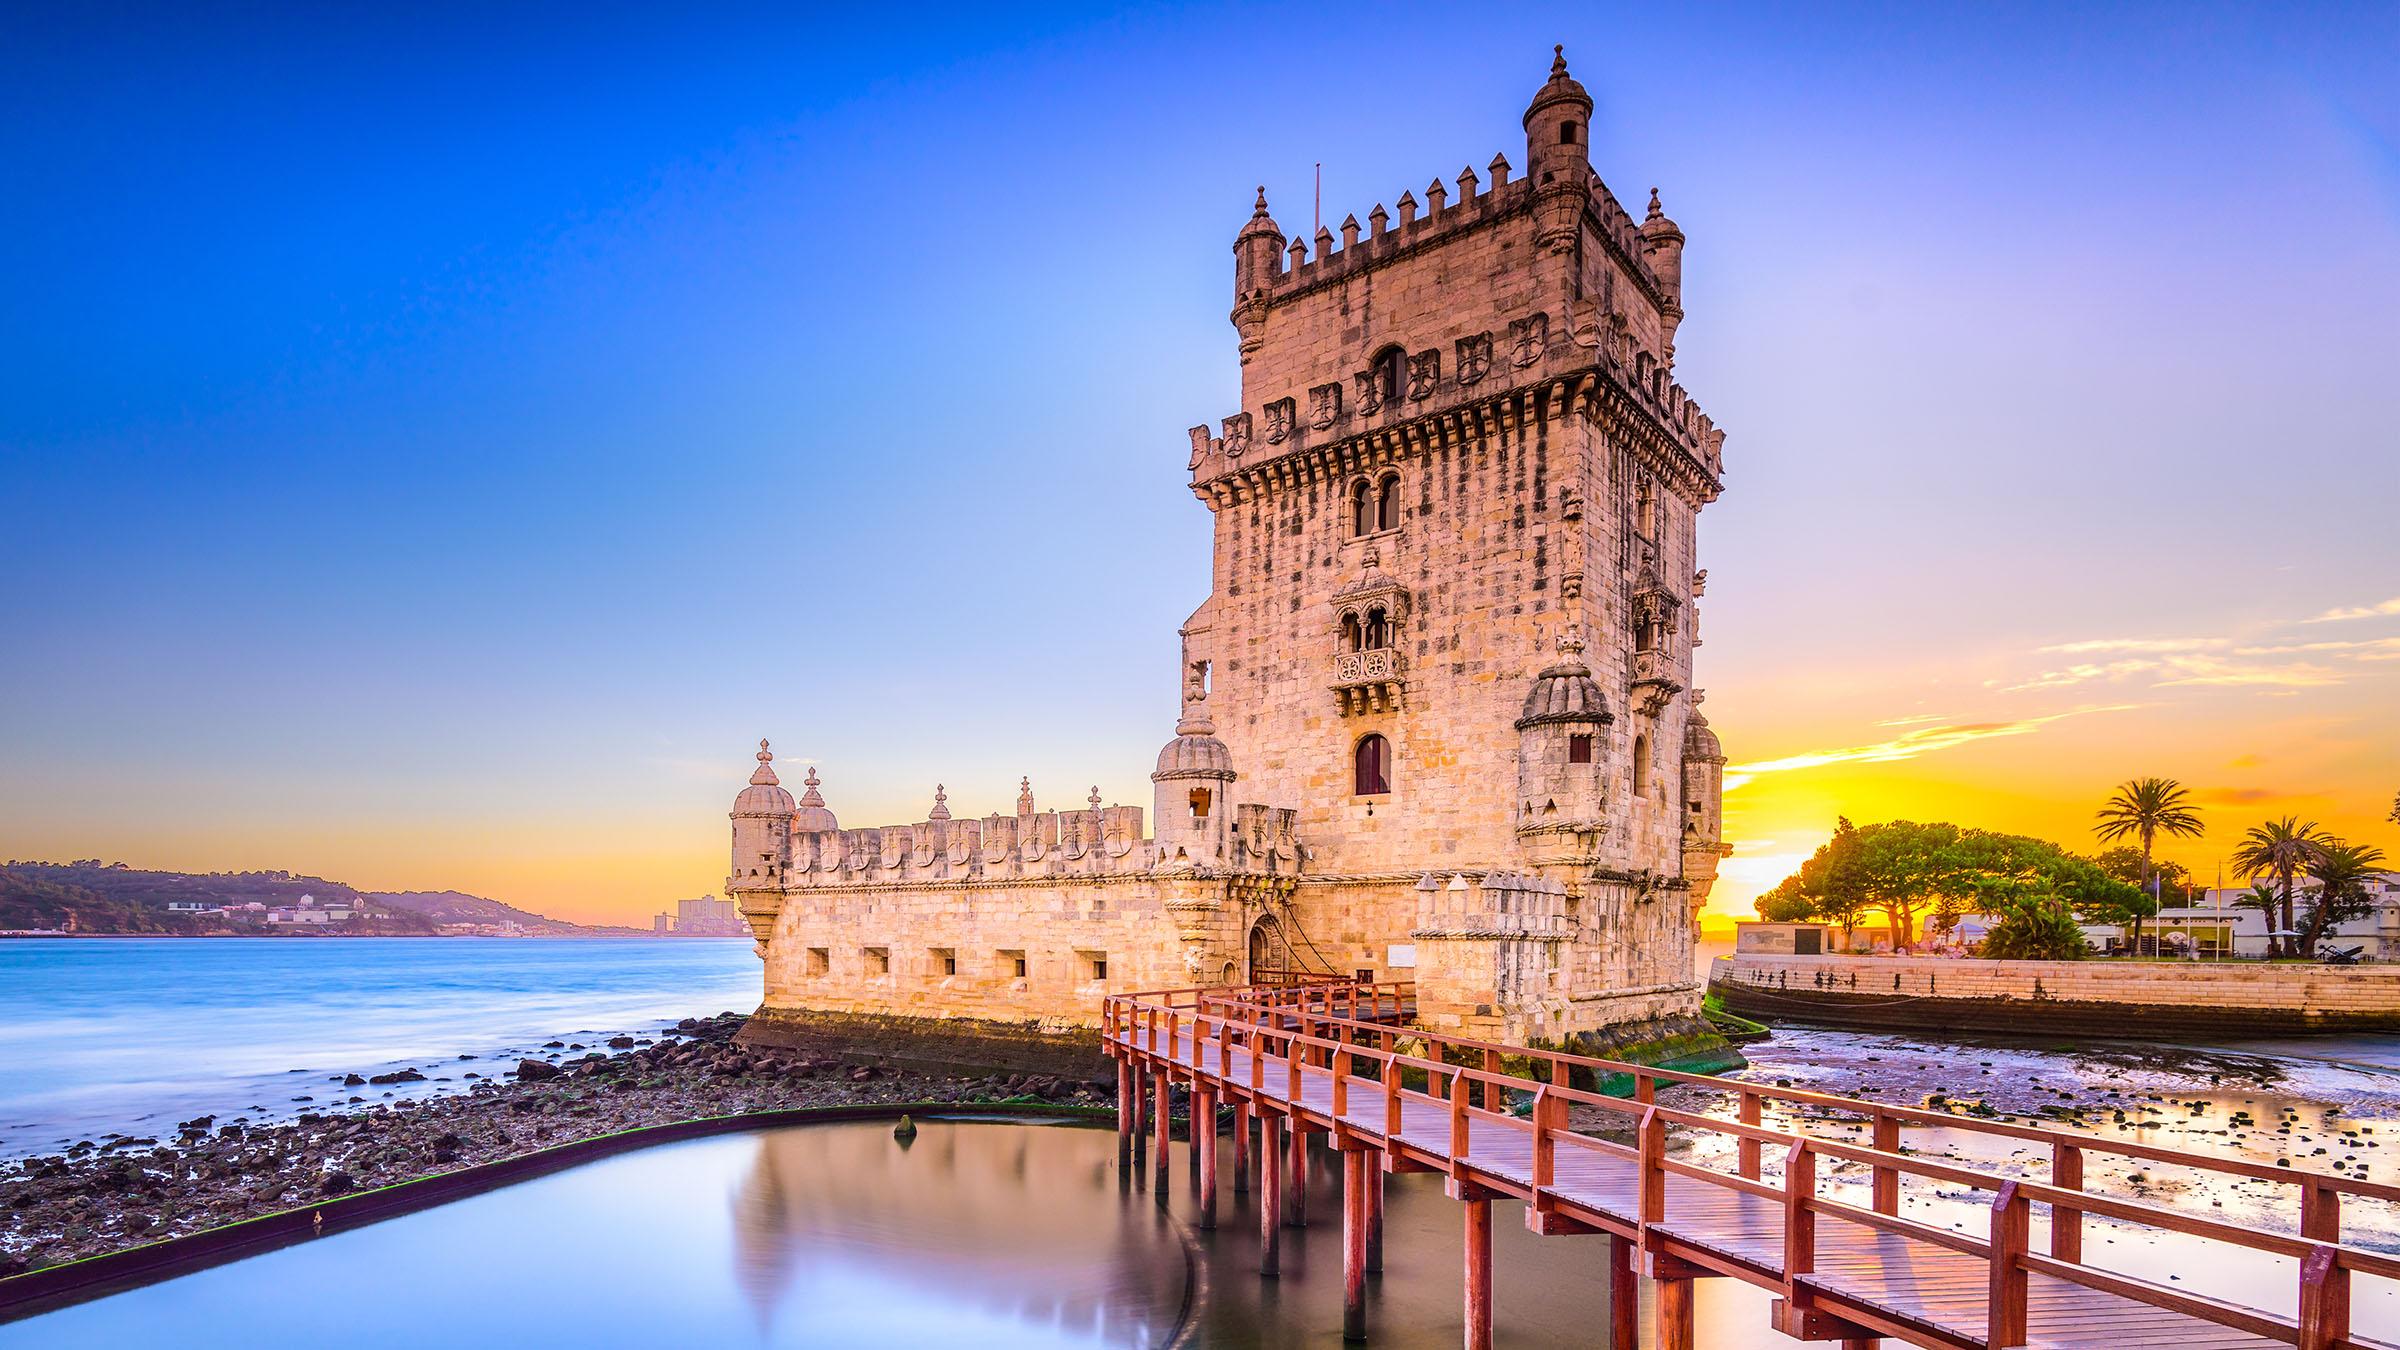 torre-de-belem-lisboa-portugal